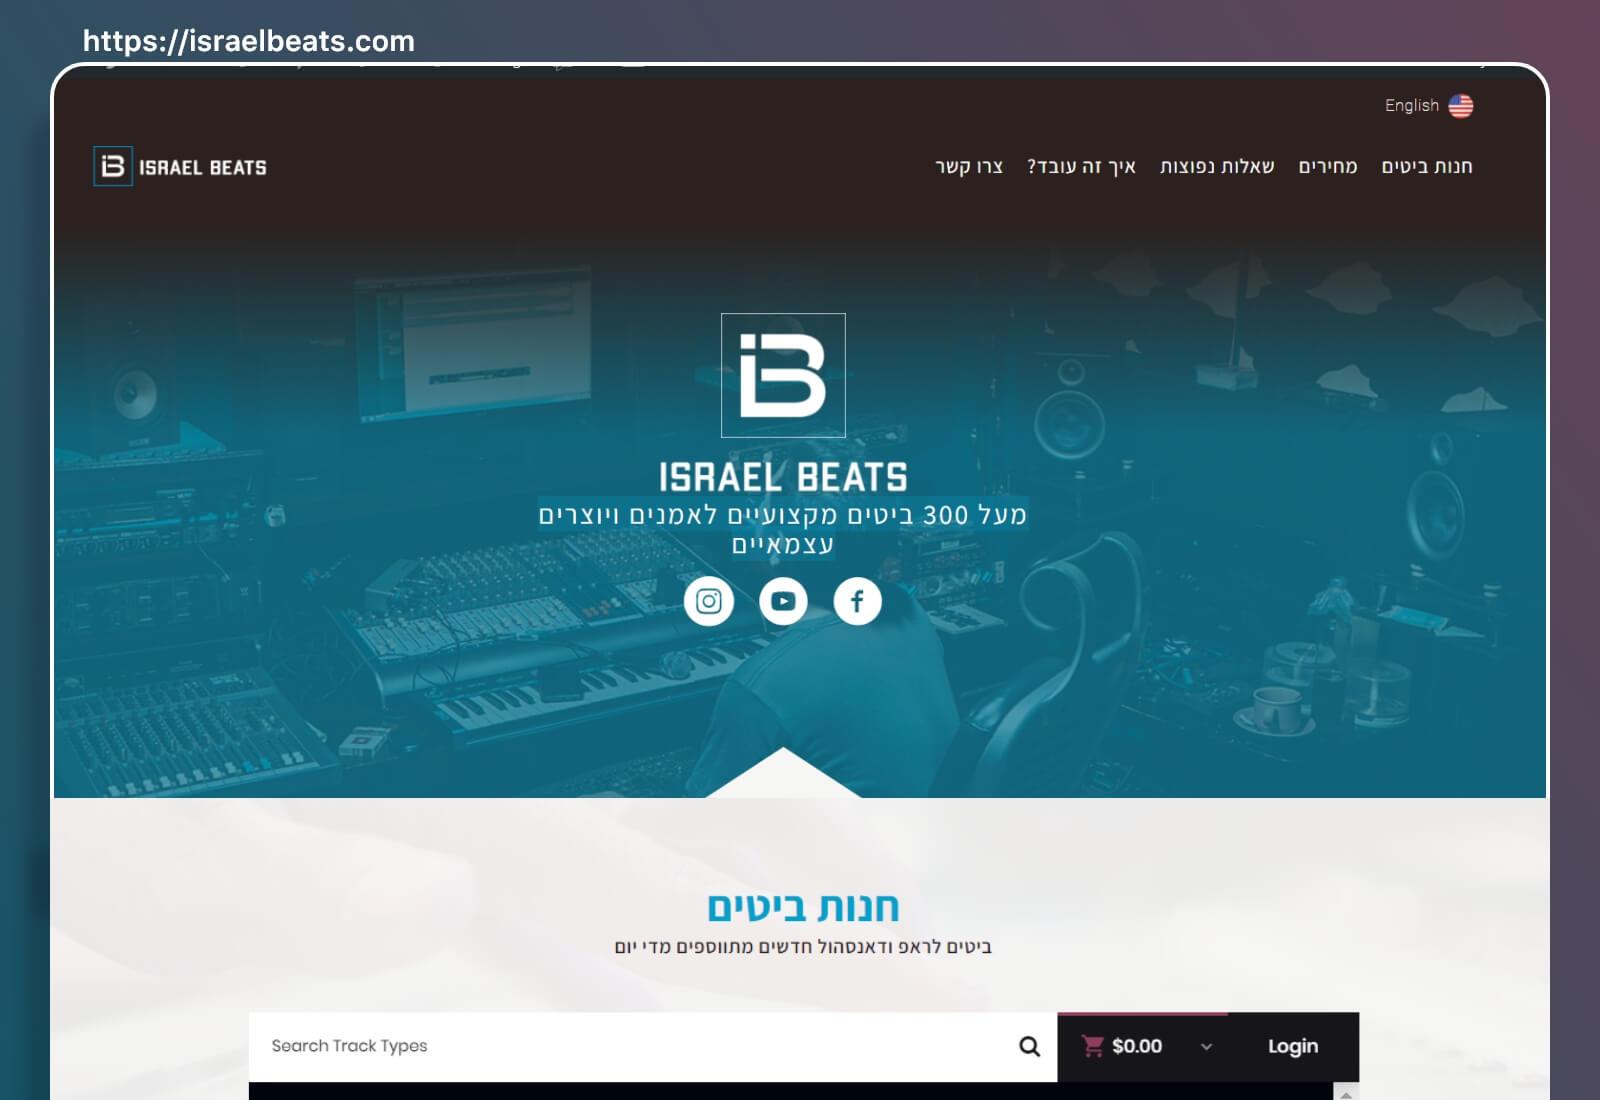 אתר מפיק מוזיקלי ביטמייקר